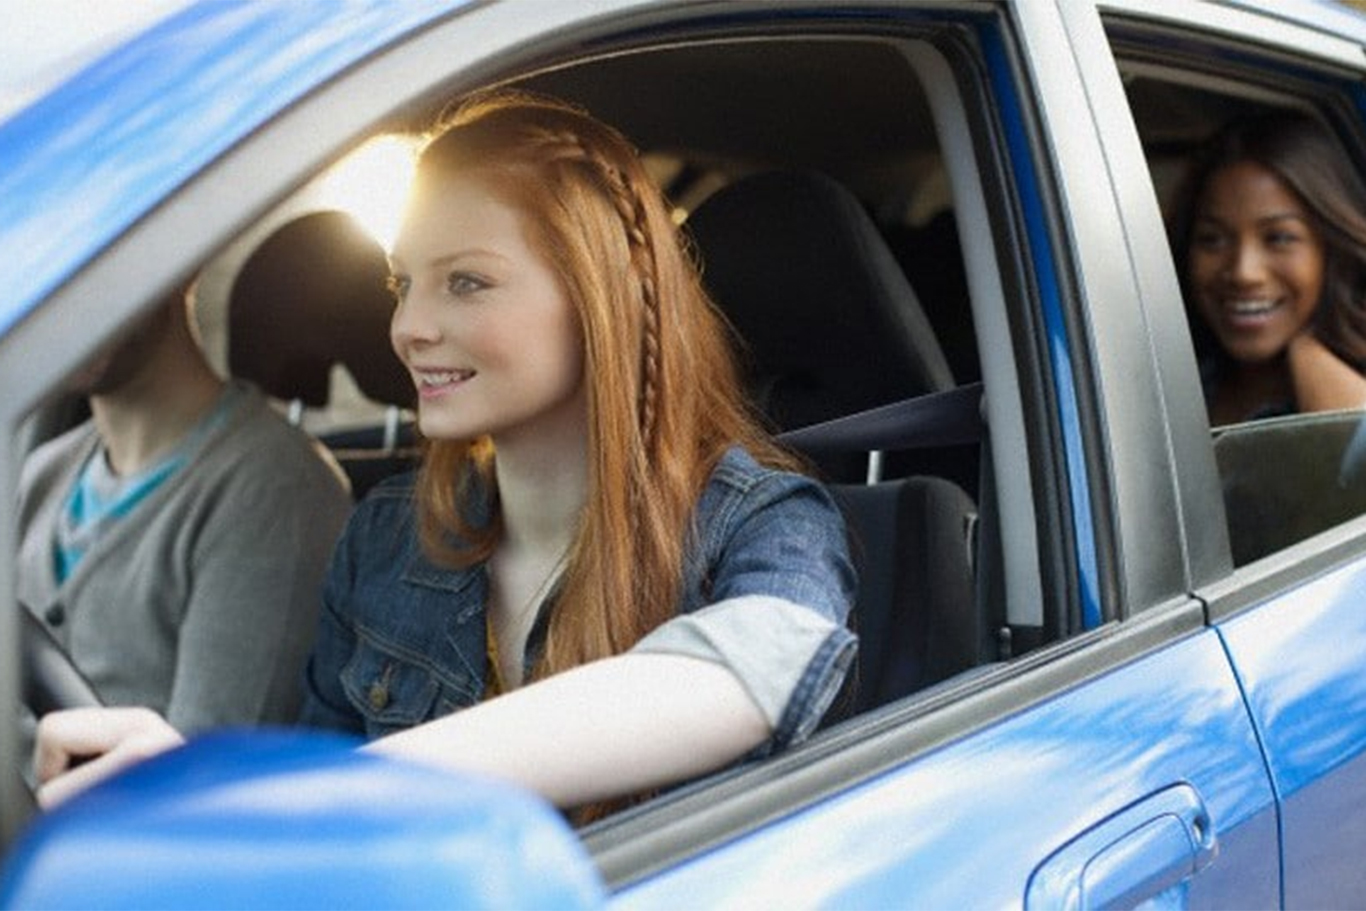 Cumplimiento de las restricciones horarias y de vías a los conductores menores de edad